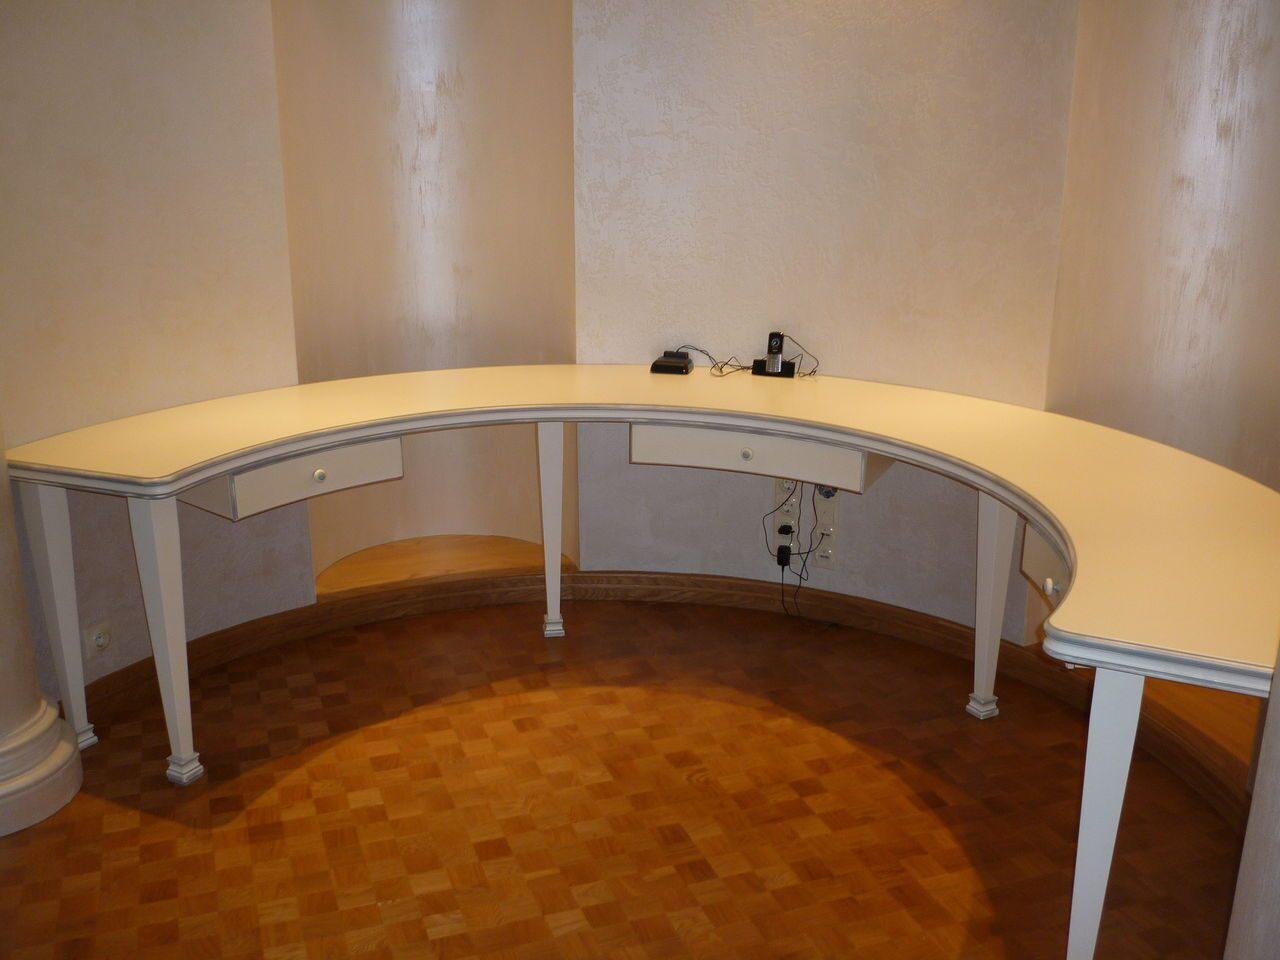 Изготовление столов на заказ, изготовить сделать круглый сто.